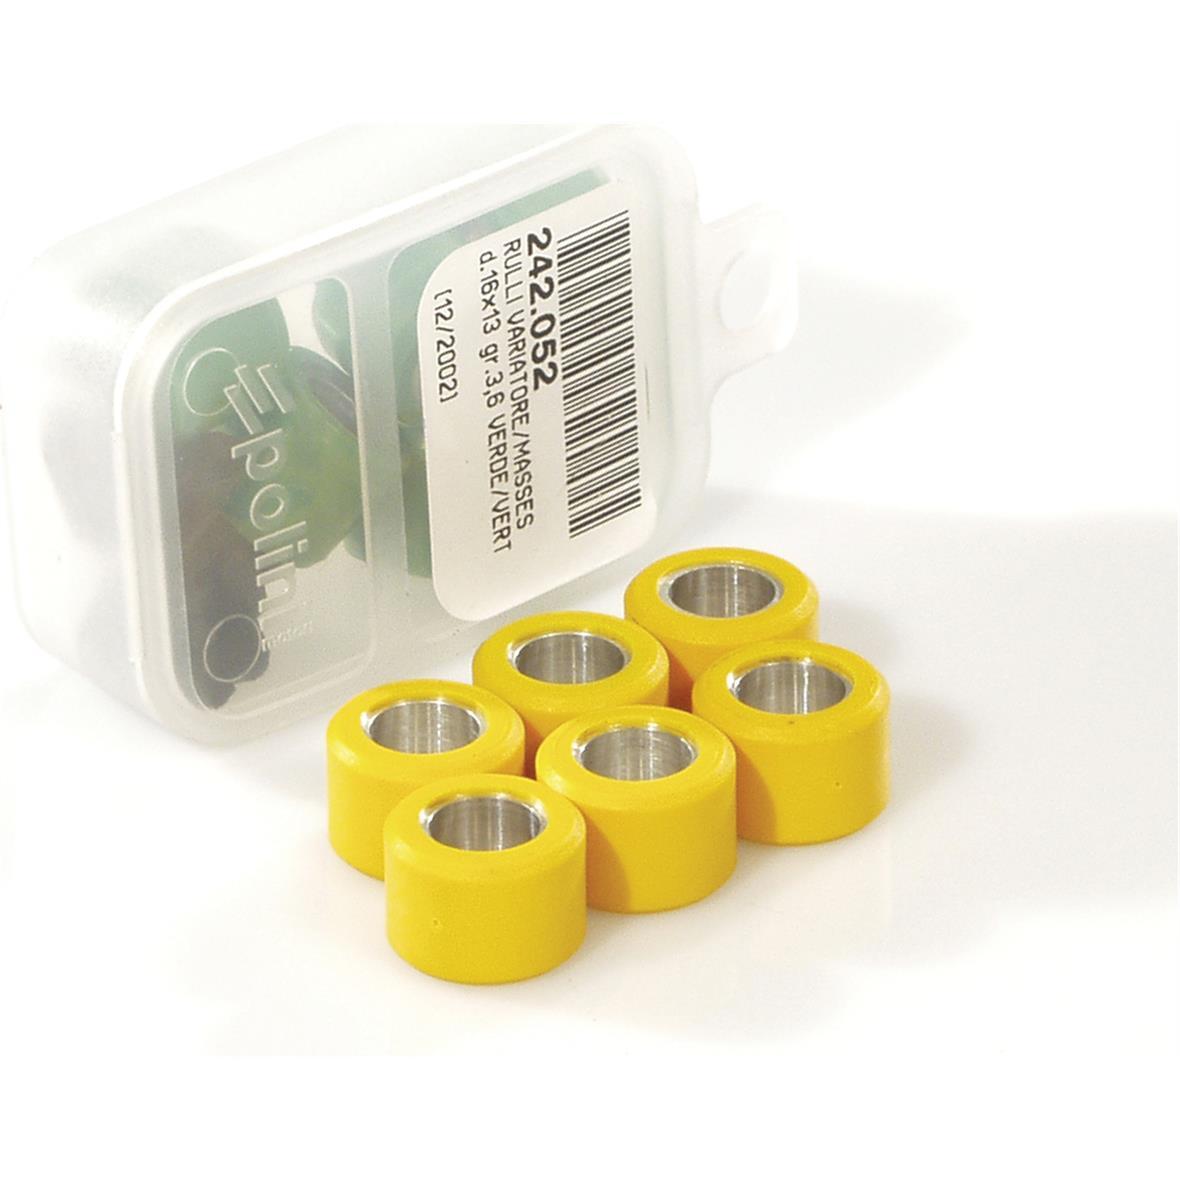 Produktbild für 'Variatorrollen POLINI 17x12 mm 9,2g'